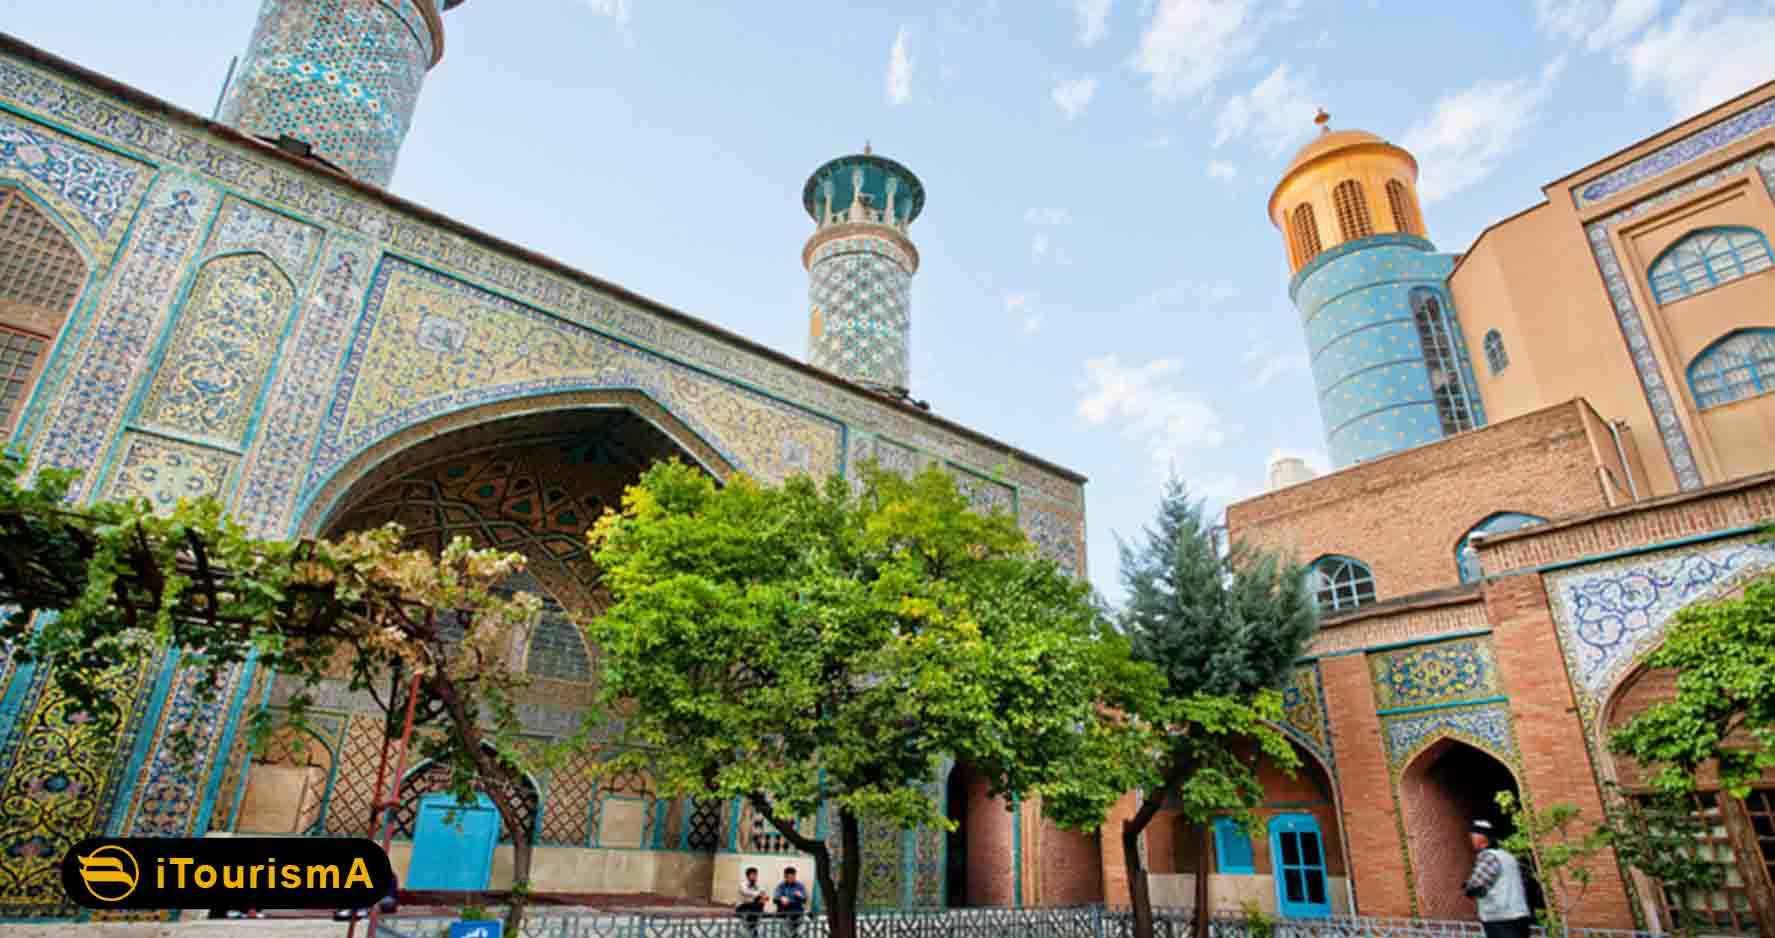 مسجد جامع سنندج یا مسجد دارالاحسان در قلب شهر سنندج